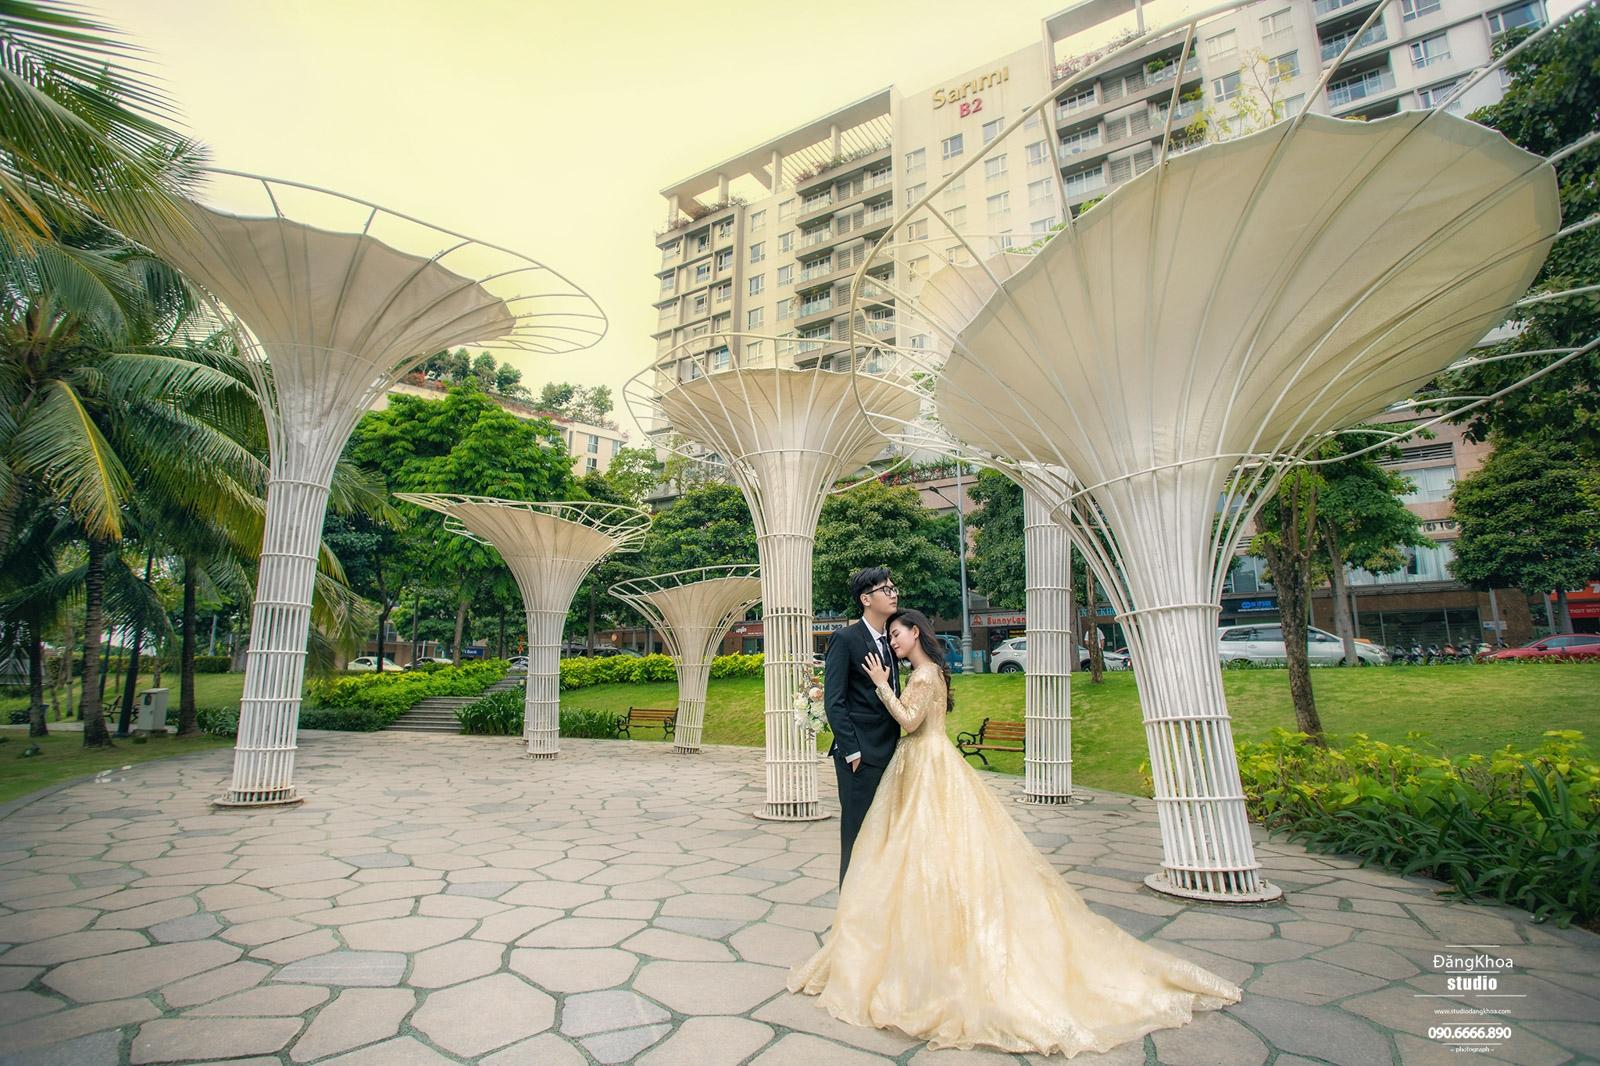 chụp ảnh cưới trọn gói giá rẻ tại sài gòn